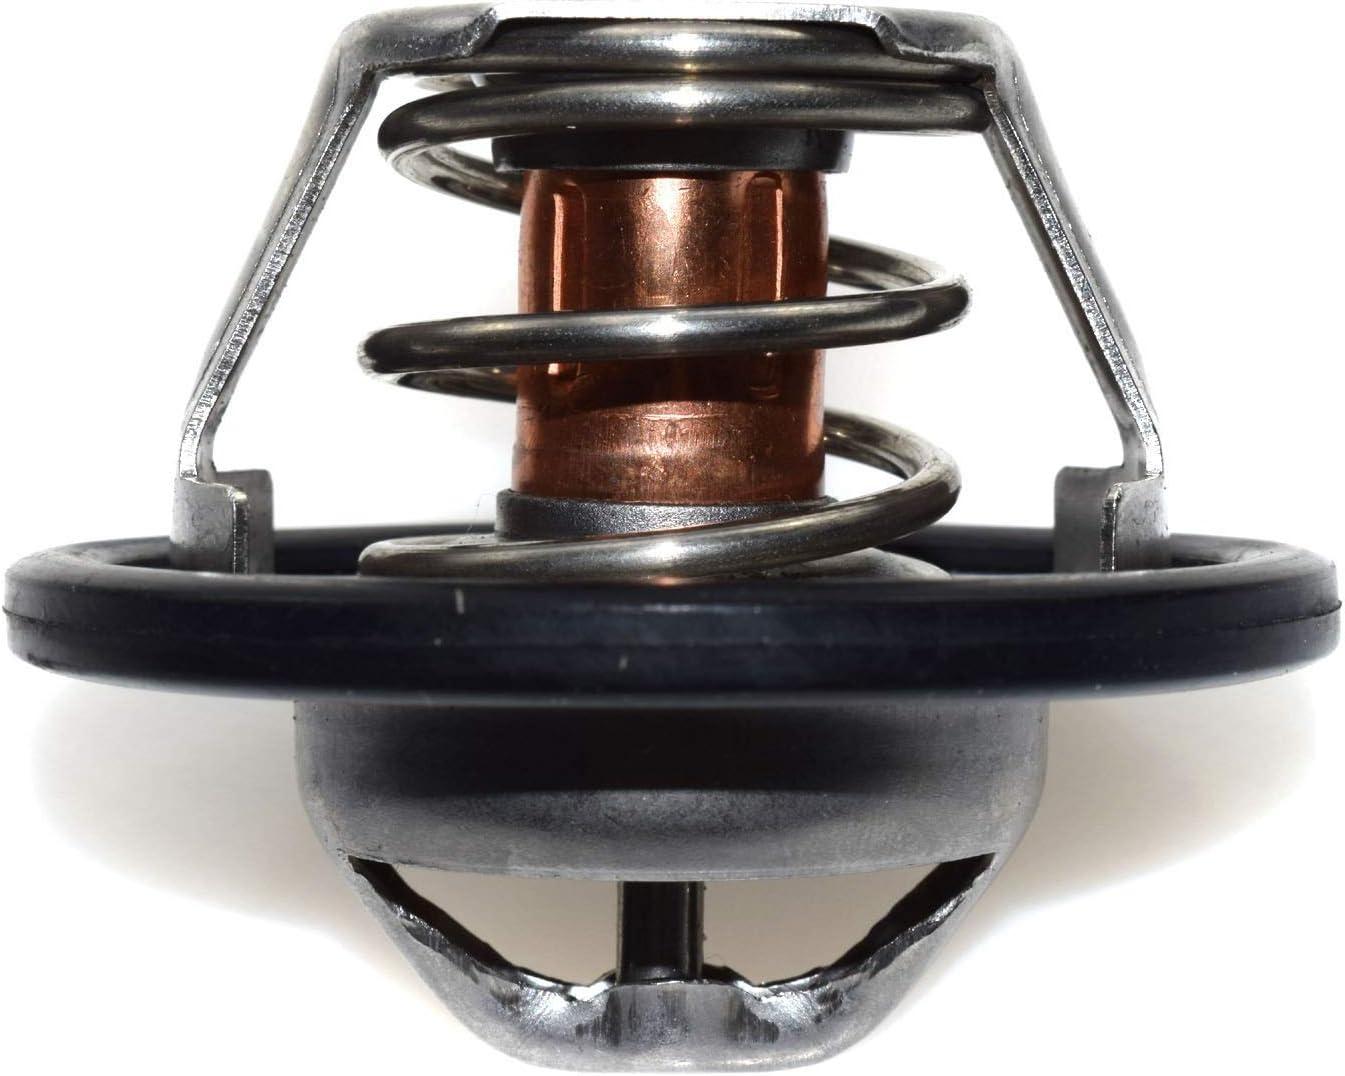 FKYNB Coolant Thermostat /& Housing for Renault Clio II Kangoo Laguna Megane Logan Scenic 8200772985 7700101179 8200561420